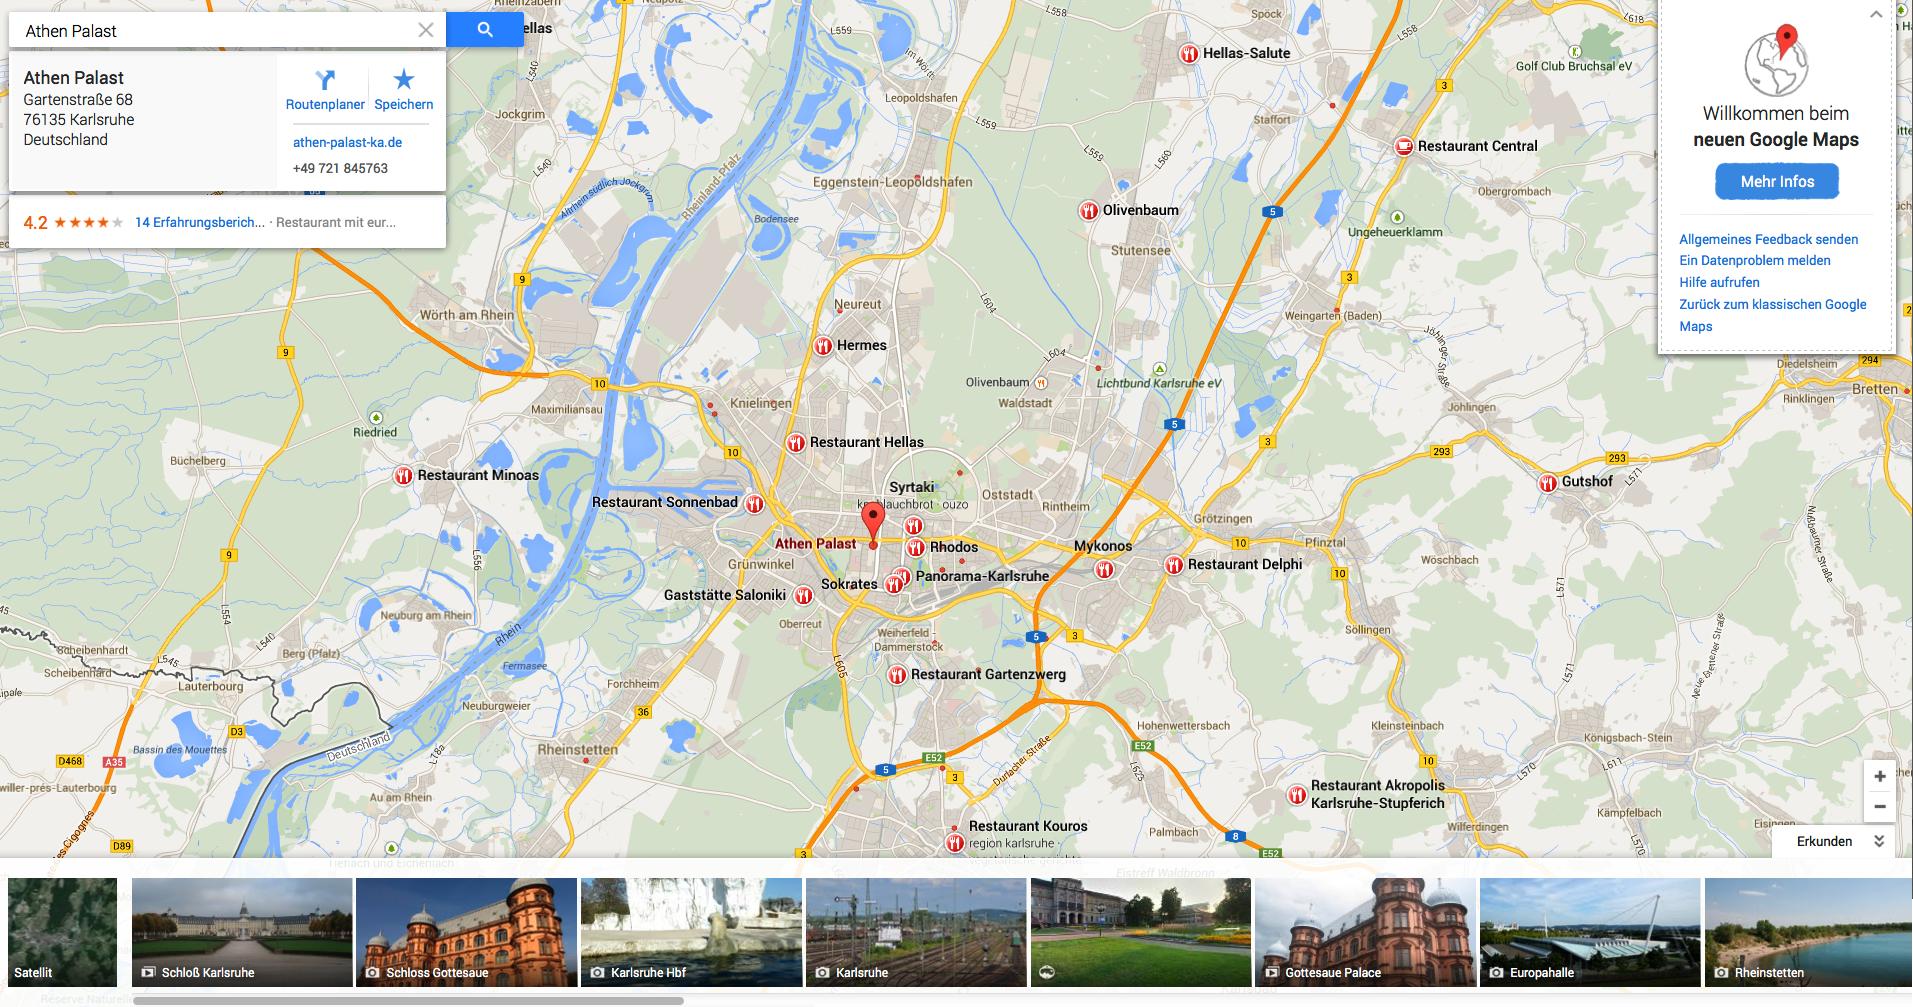 Die neue Version von Google Maps